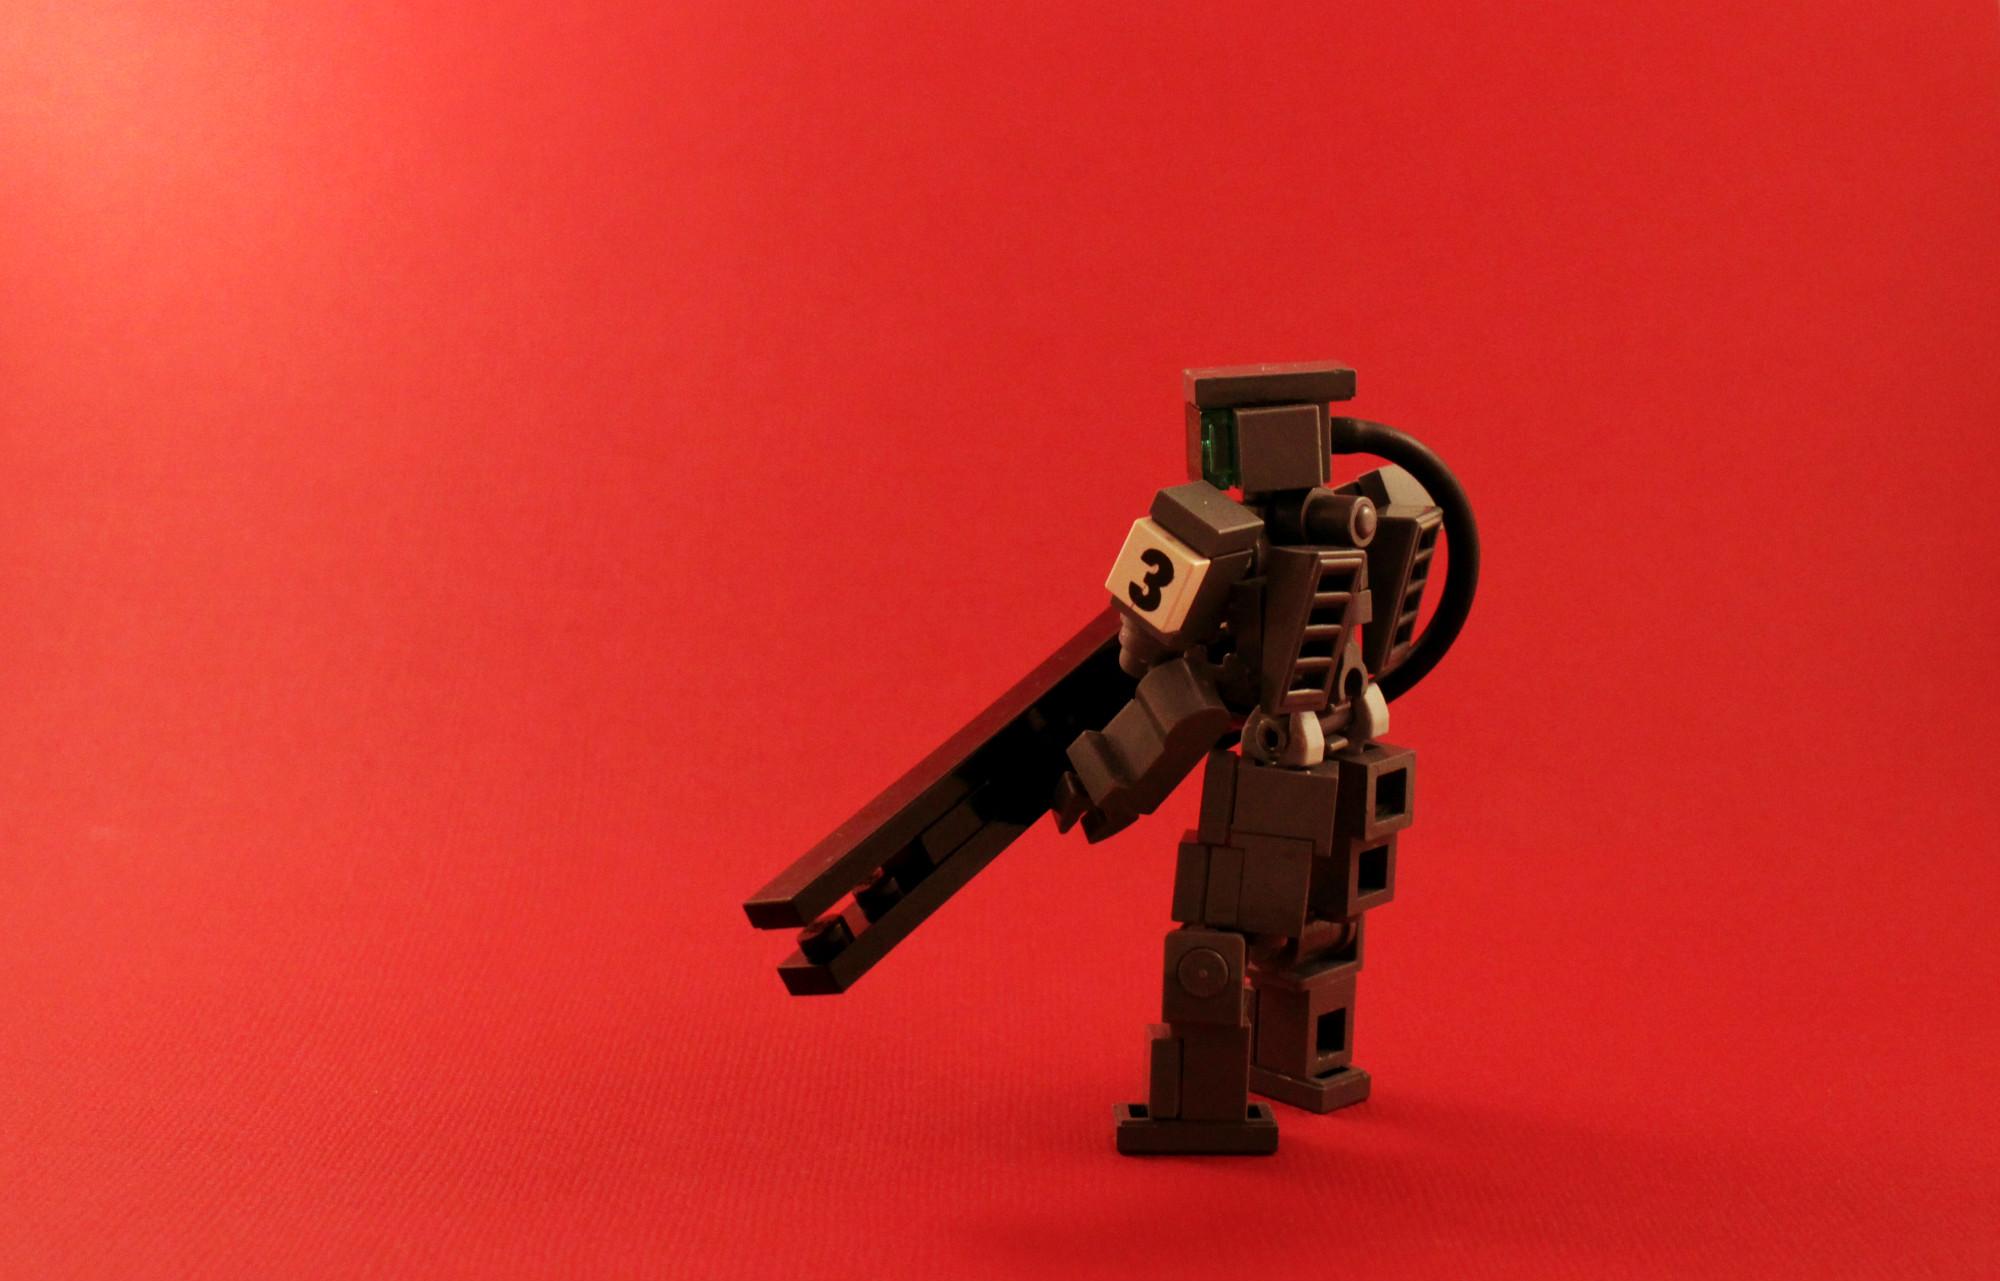 Hintergrundbilder Fiktion Rot Inspiration Roboter Groß Gewehr